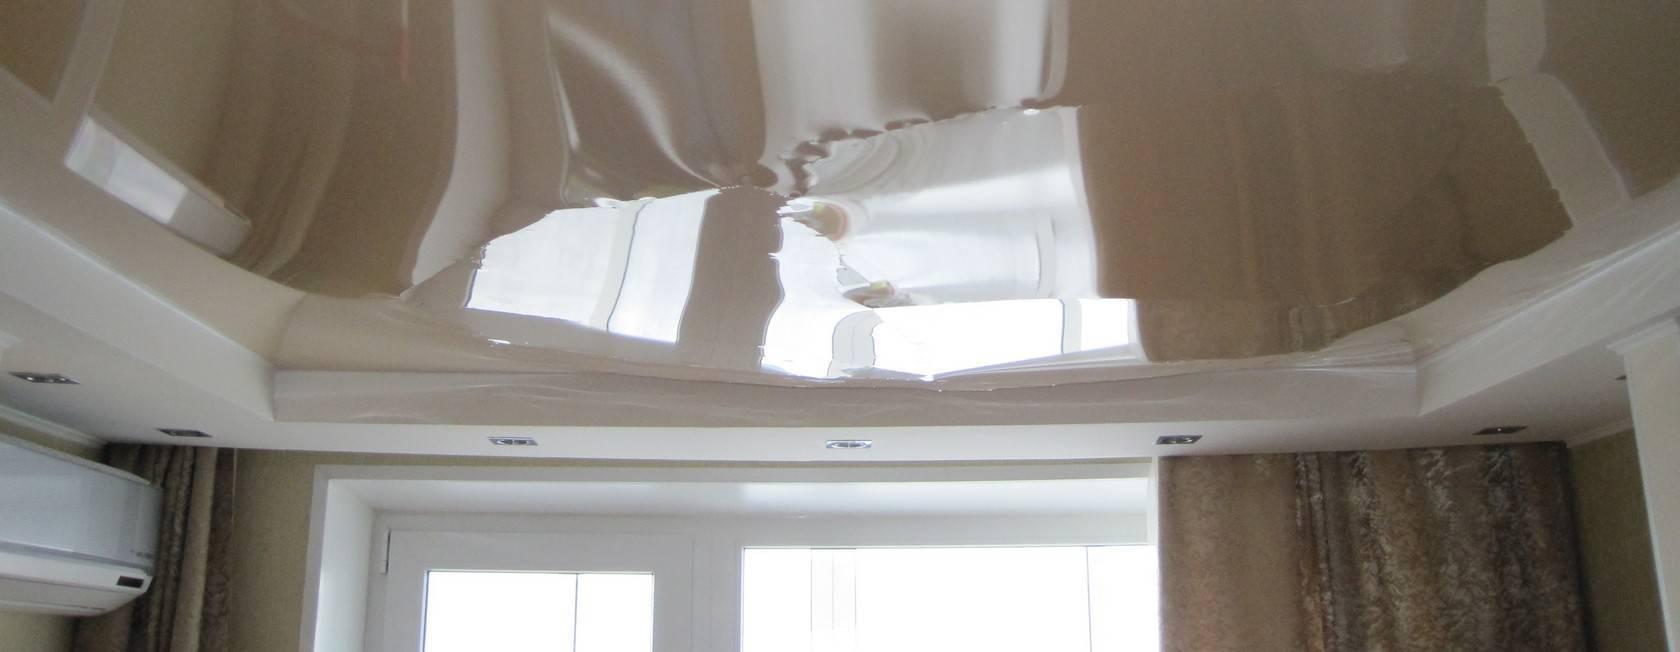 Как снять натяжной потолок своими руками: демонтаж с последующей установкой